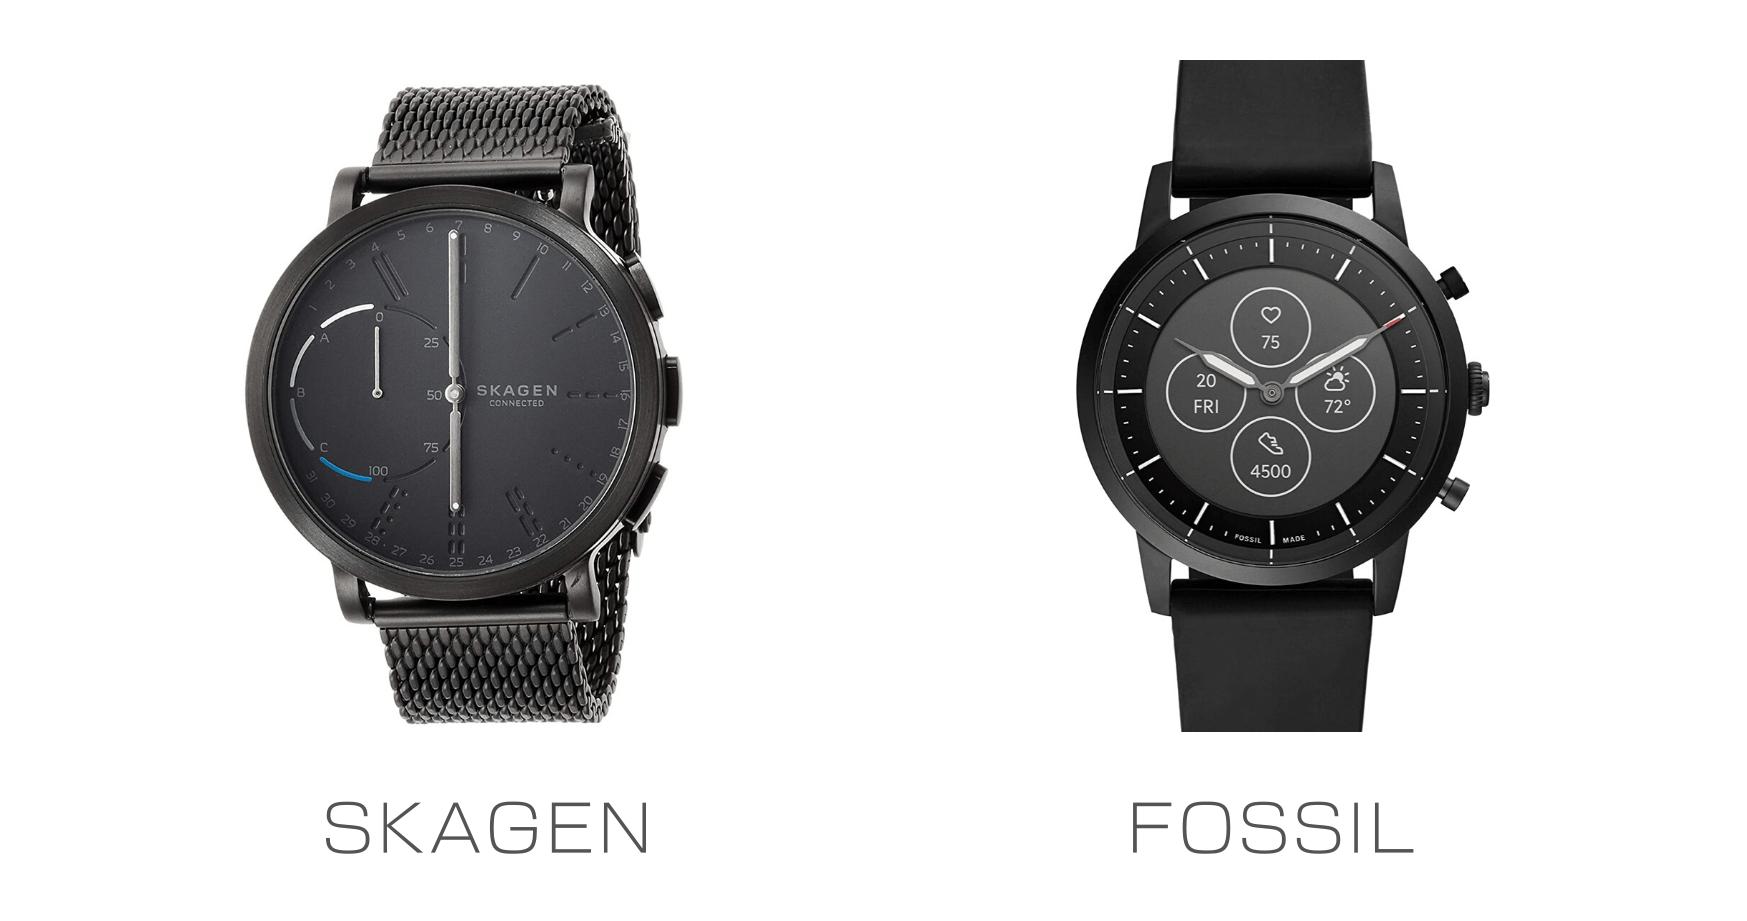 欧米のSKAGENとFOSSILのスマートウォッチを比較